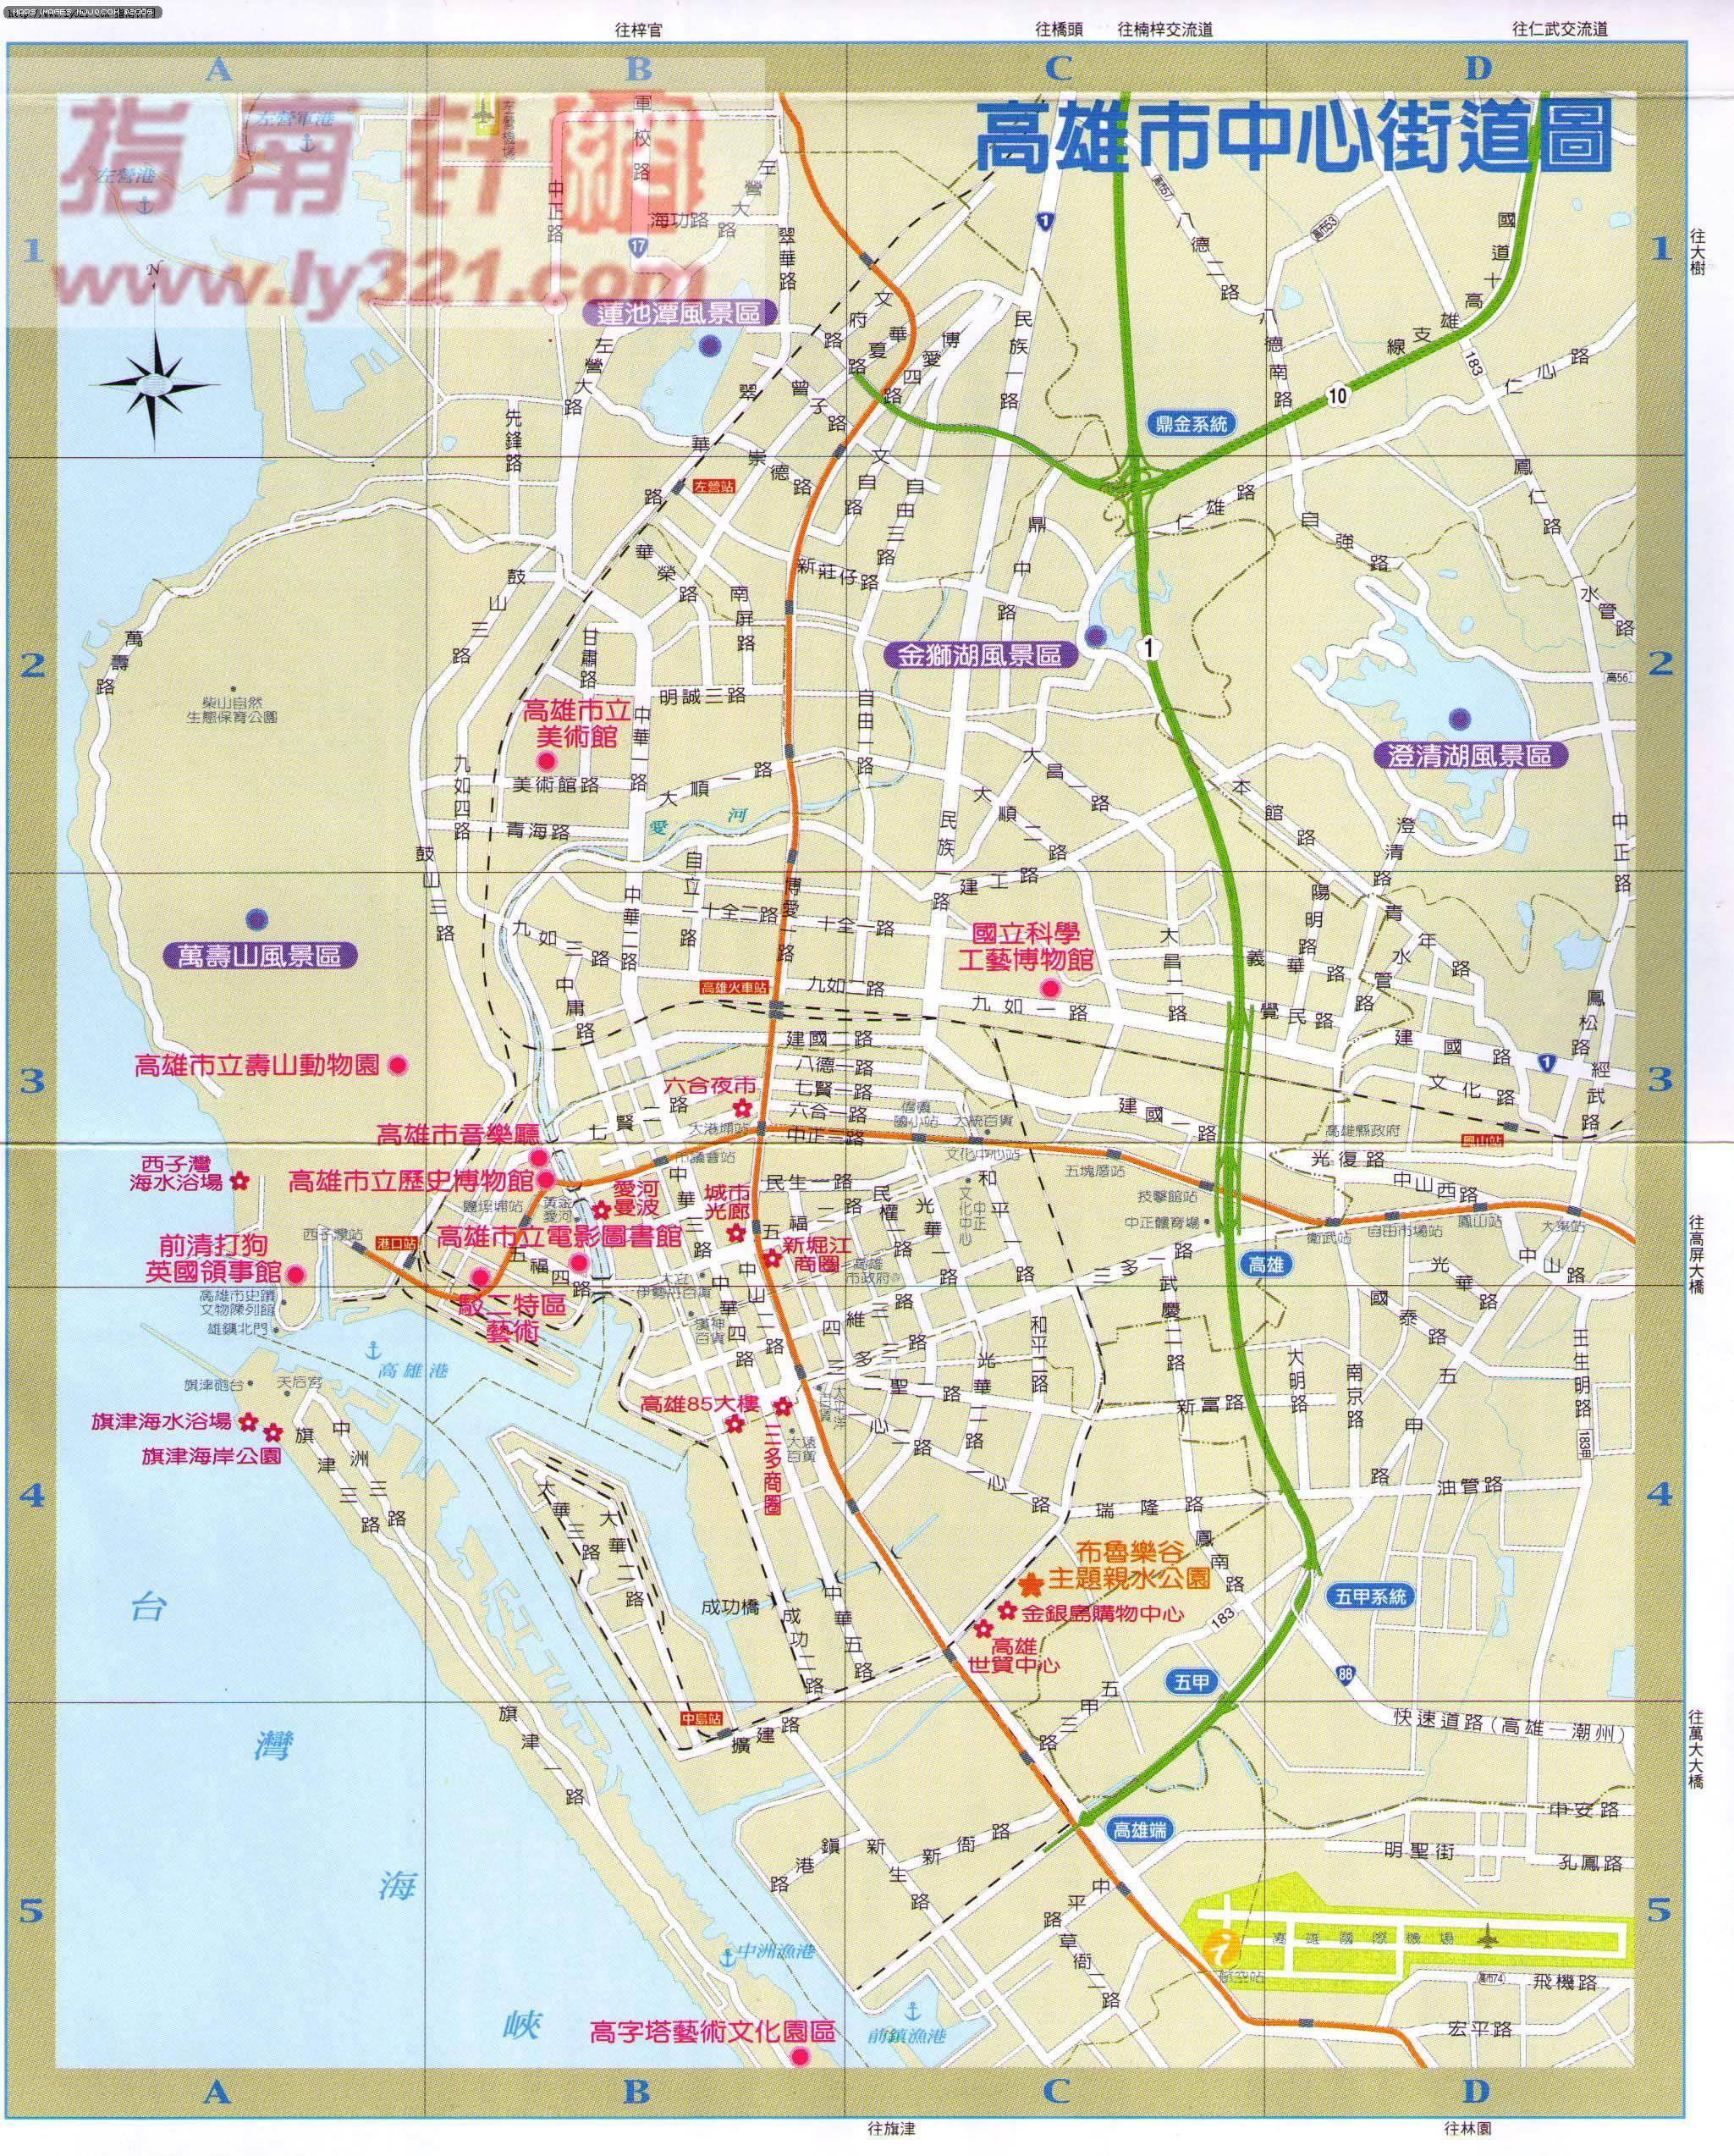 高雄地圖 google map map- 高雄地圖 google map map - 快熱資訊 - 走進時代